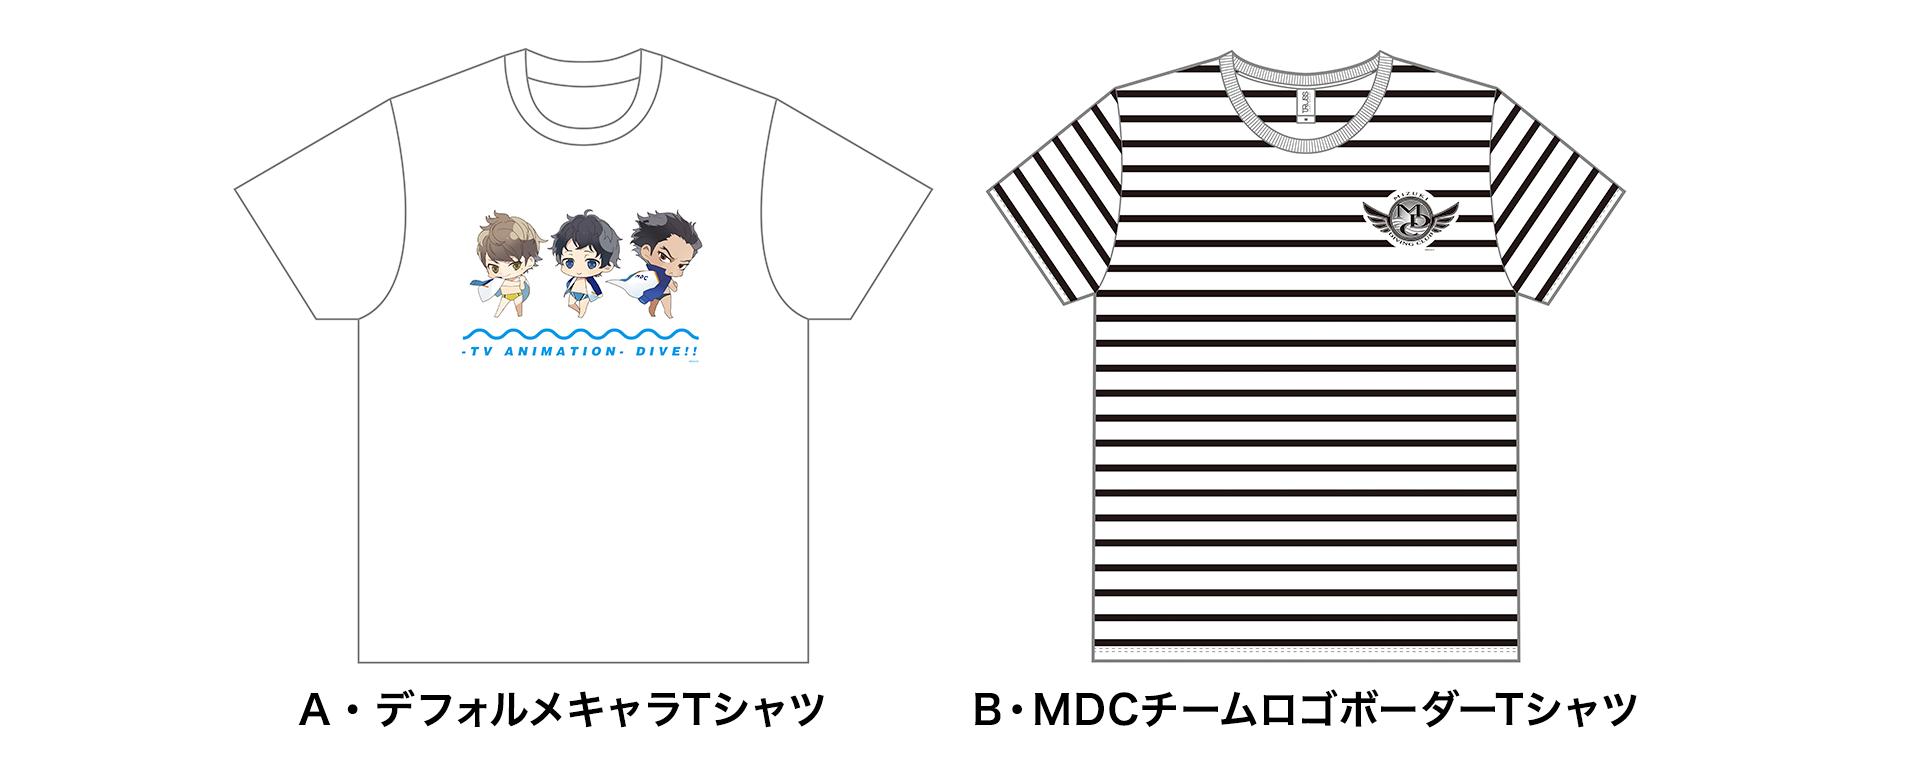 デフォルメキャラTシャツとMDCチームロゴボーダーTシャツのサンプル画像